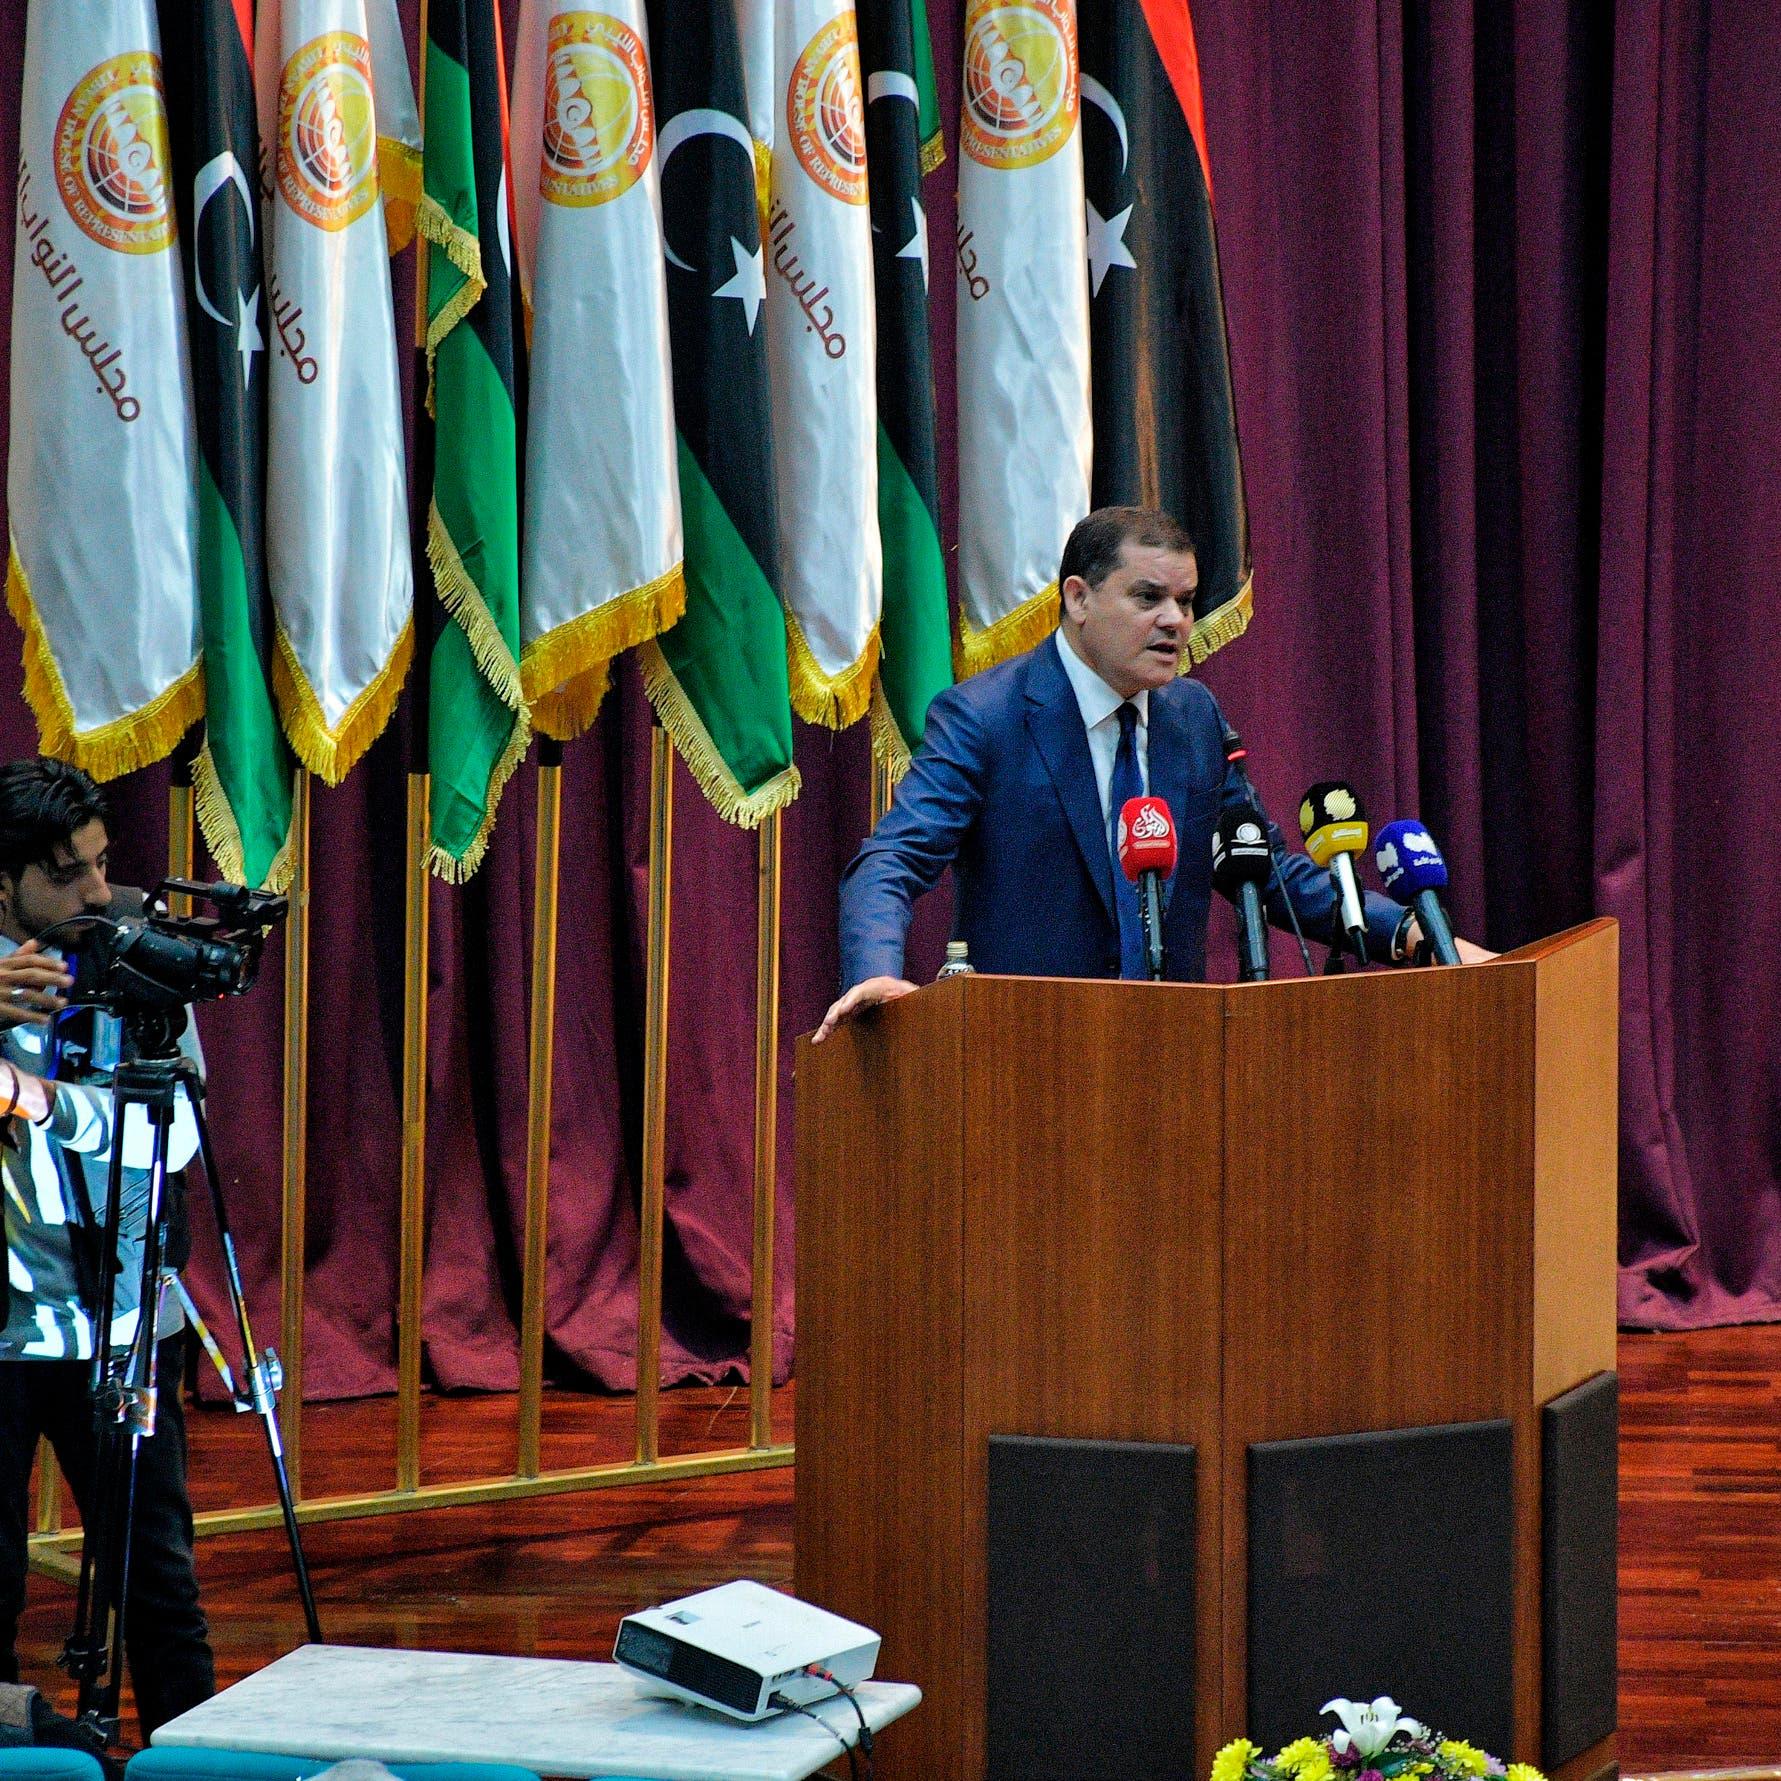 على وقع التوتر.. برلمان ليبيا يؤجل مساءلة الحكومة